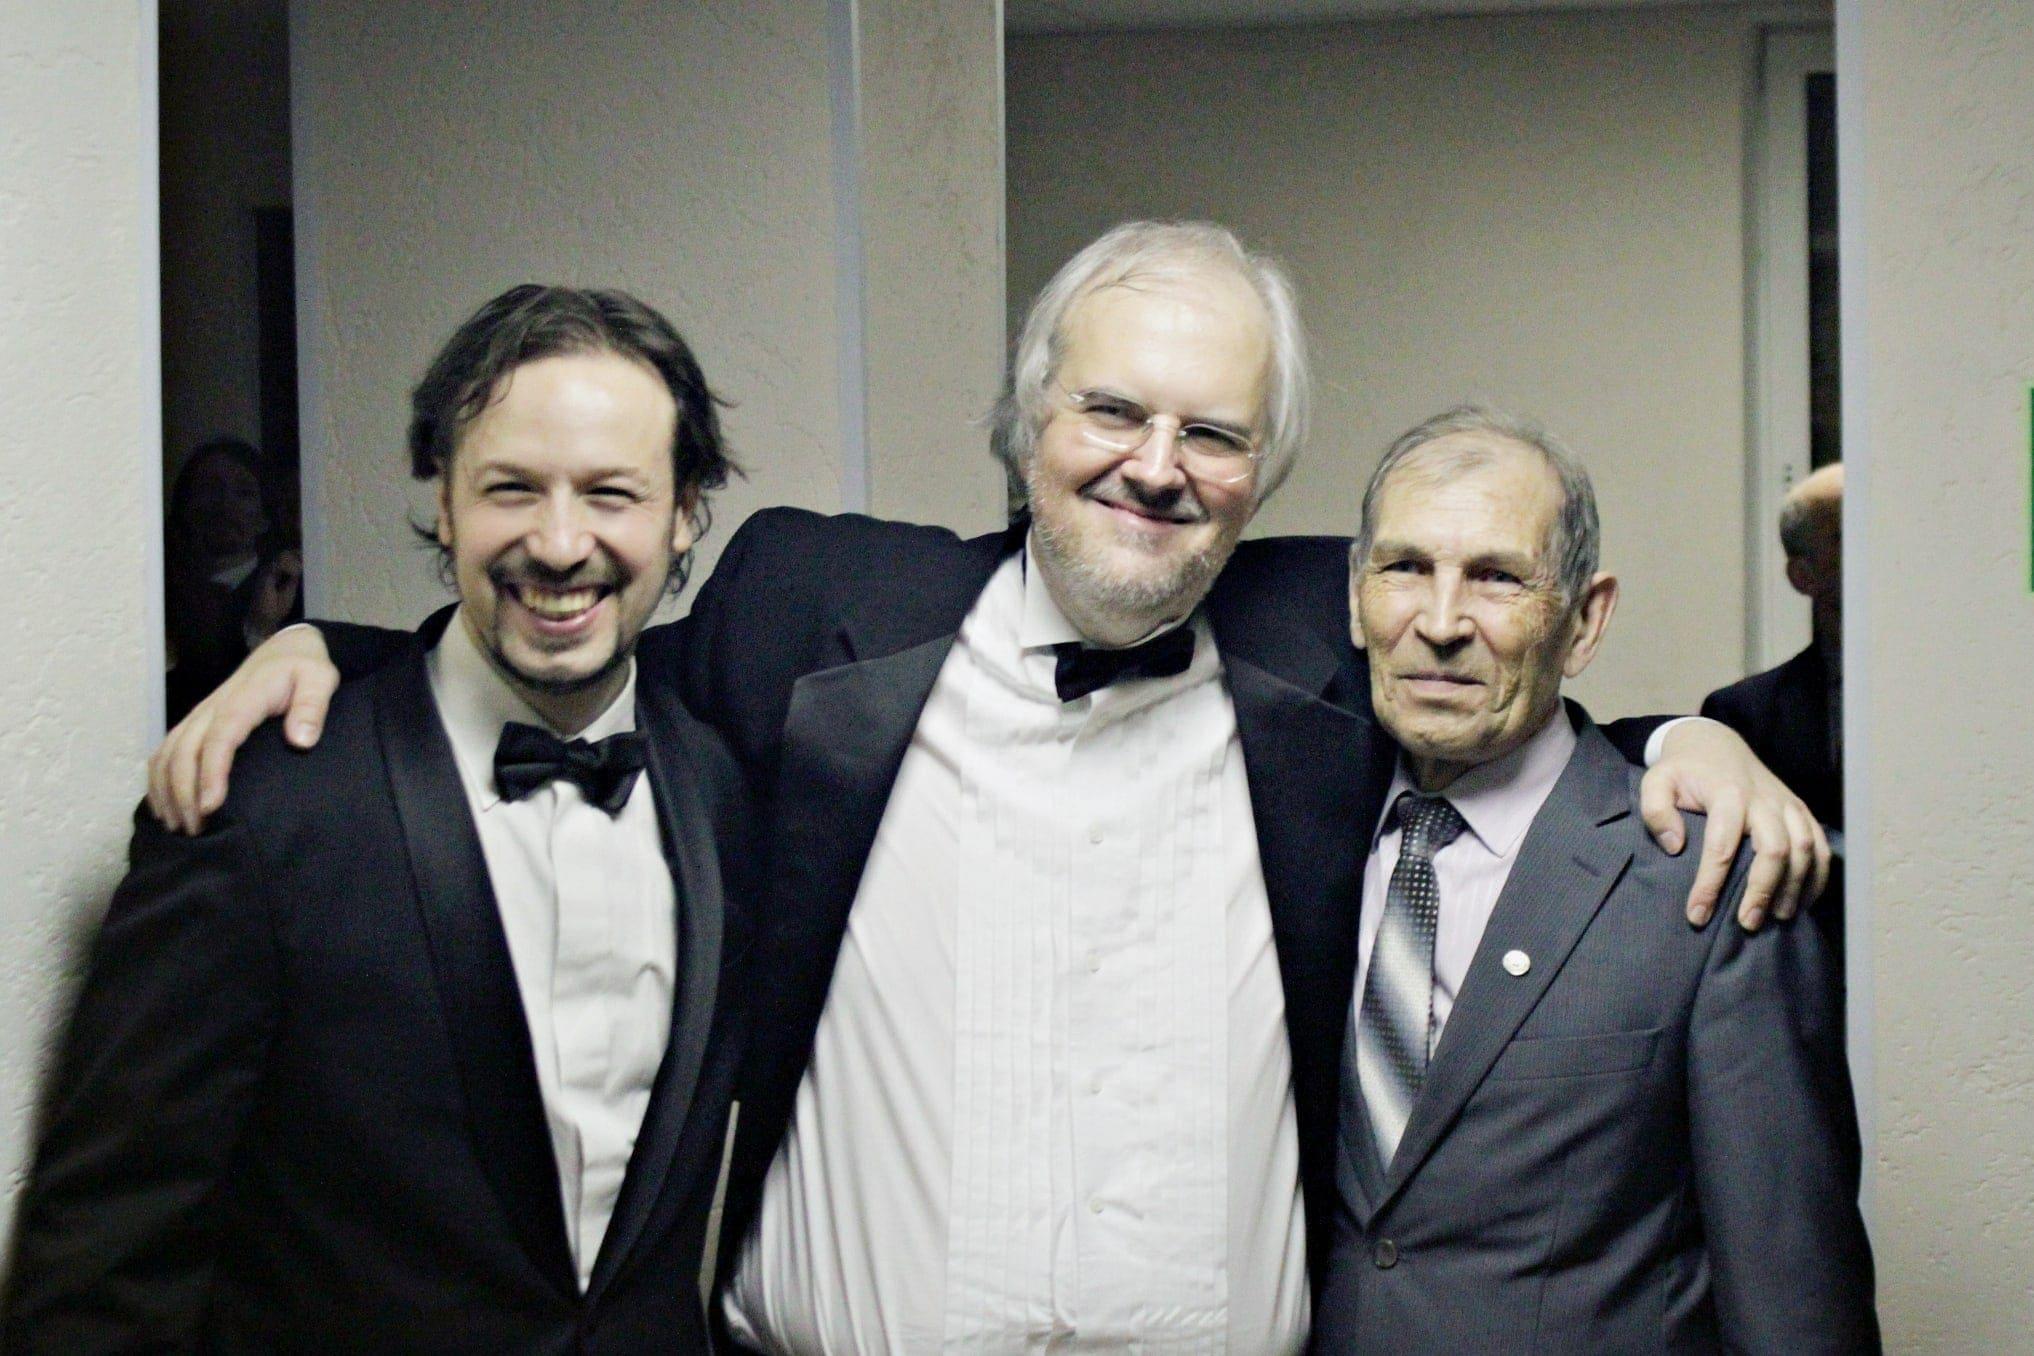 Станислав Овчинников, Николас Ангелич и Владимир Бирюков. Фото - Ирина Шымчак